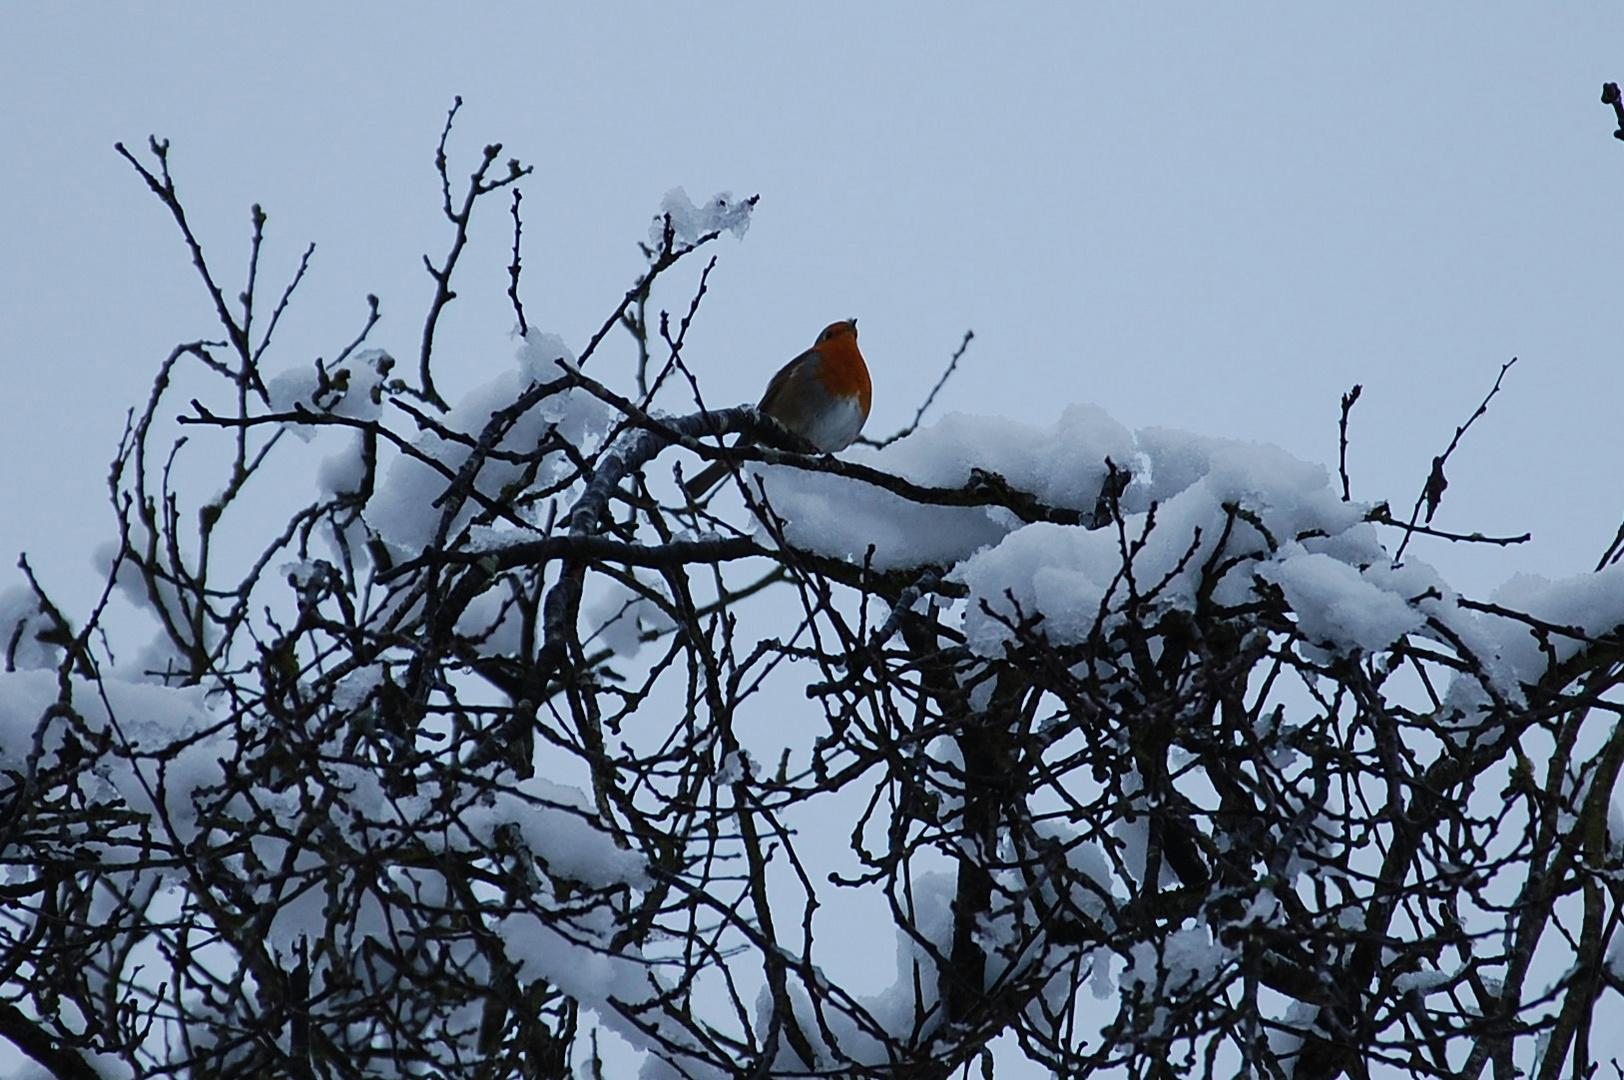 Malgré le froid et la neige, je chante à tue-tête